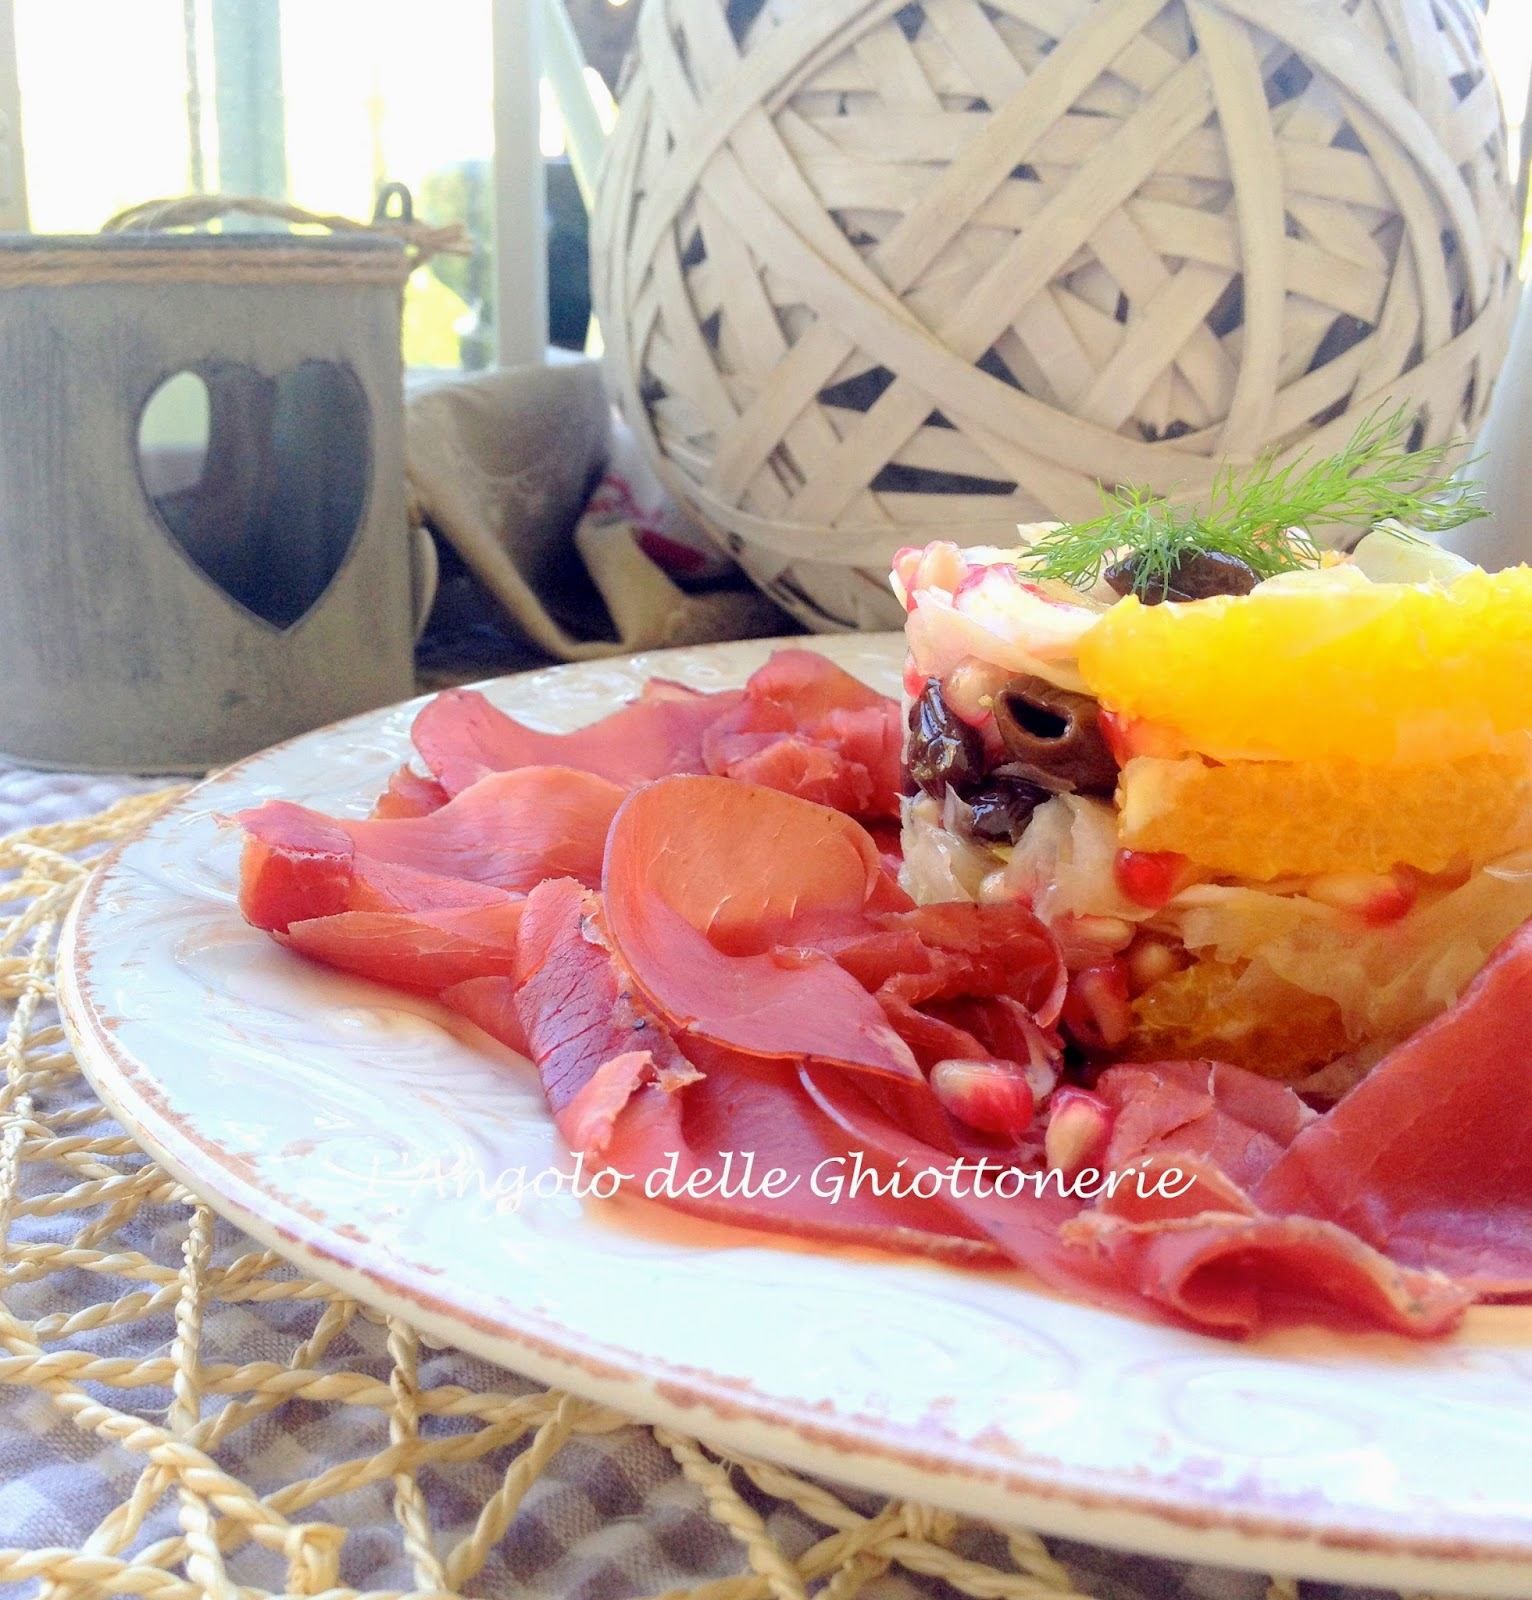 dal menù dello sportivo. carpaccio di bresaola della valtellina con tartare di finocchio, arancia, olive taggiasche e tobikko di melagrana